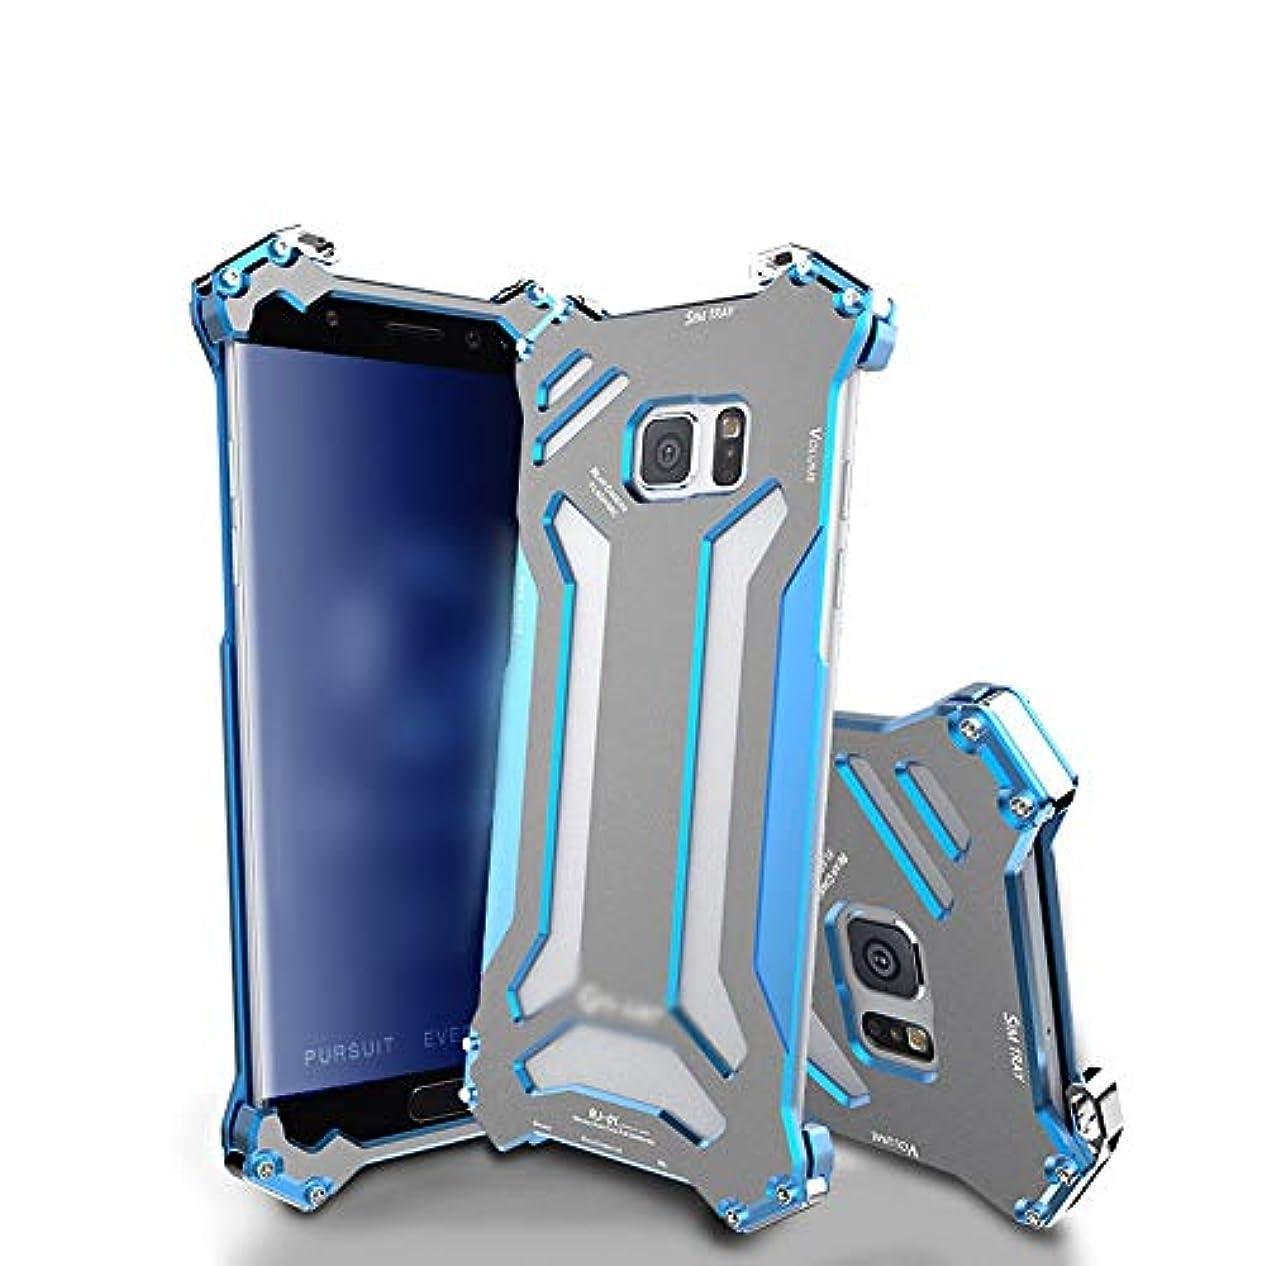 言語これまでペストリーTonglilili SamsungのノートFEのための携帯電話の箱、金属の電話箱の携帯電話の付属品の金属フレームの移動式貝の低下 (Color : 青, Edition : Note FE)